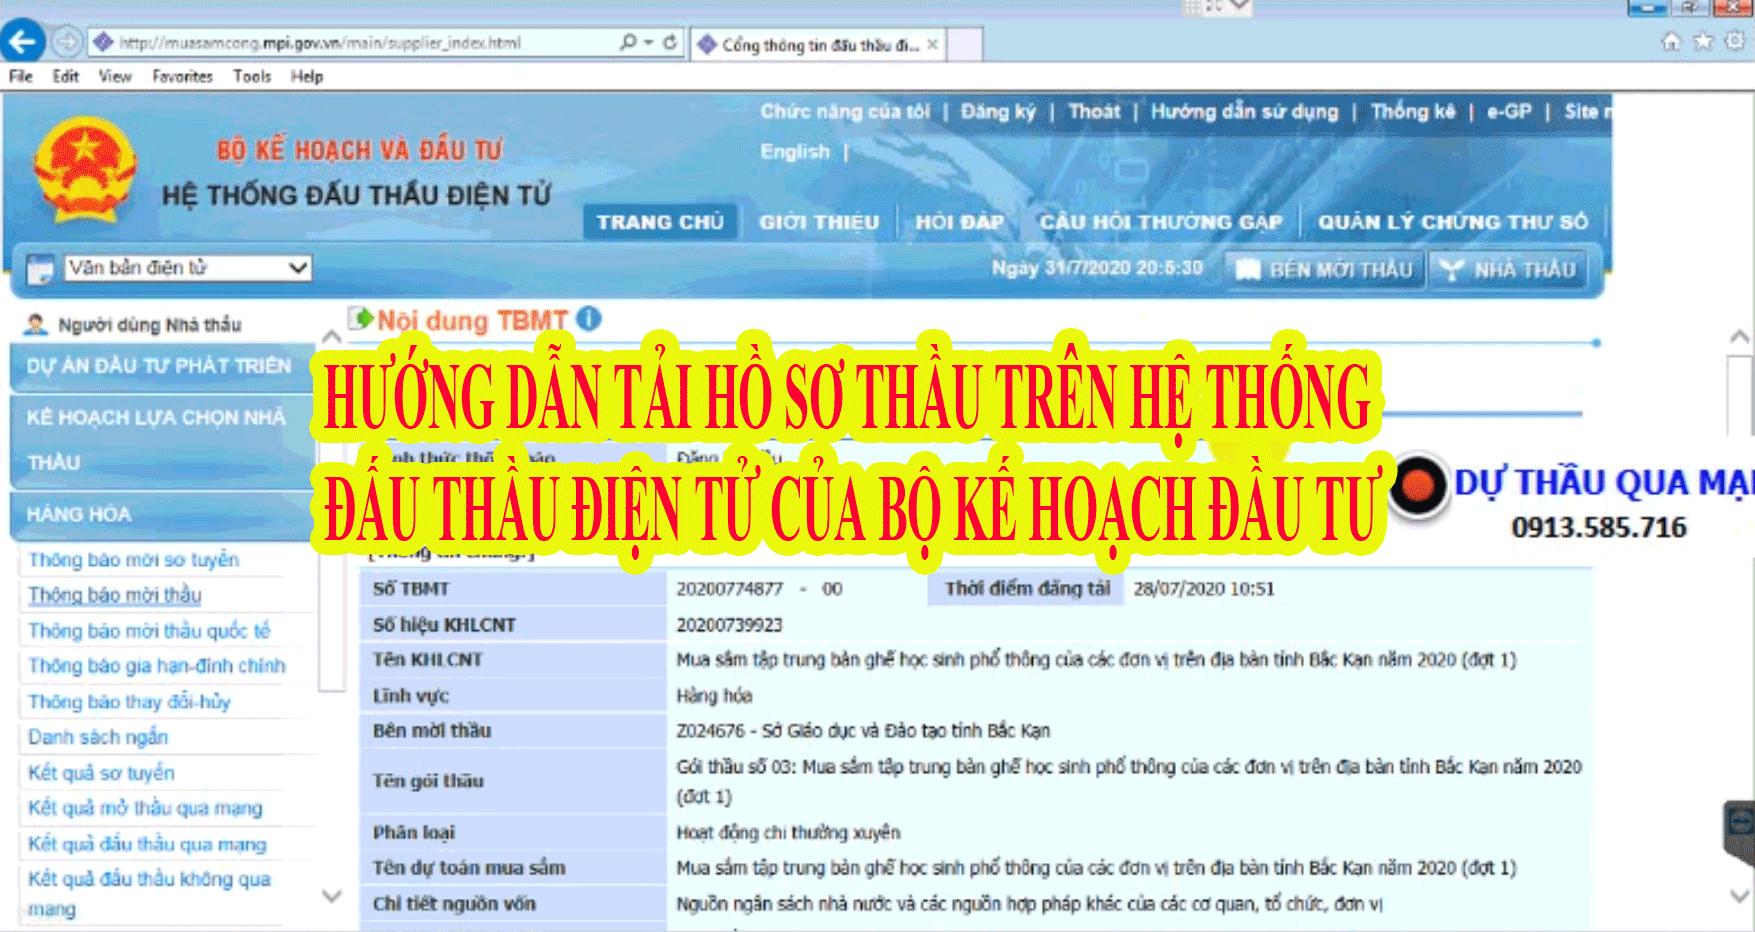 HƯỚNG DẪN TẢI HỒ SƠ THẦU TRÊN HỆ THỐNG ĐẤU THẦU ĐIỆN TỬ CỦA BỘ KẾ HOẠCH ĐẦU TƯ VỀ MÁY (Hoàng Tuấn)